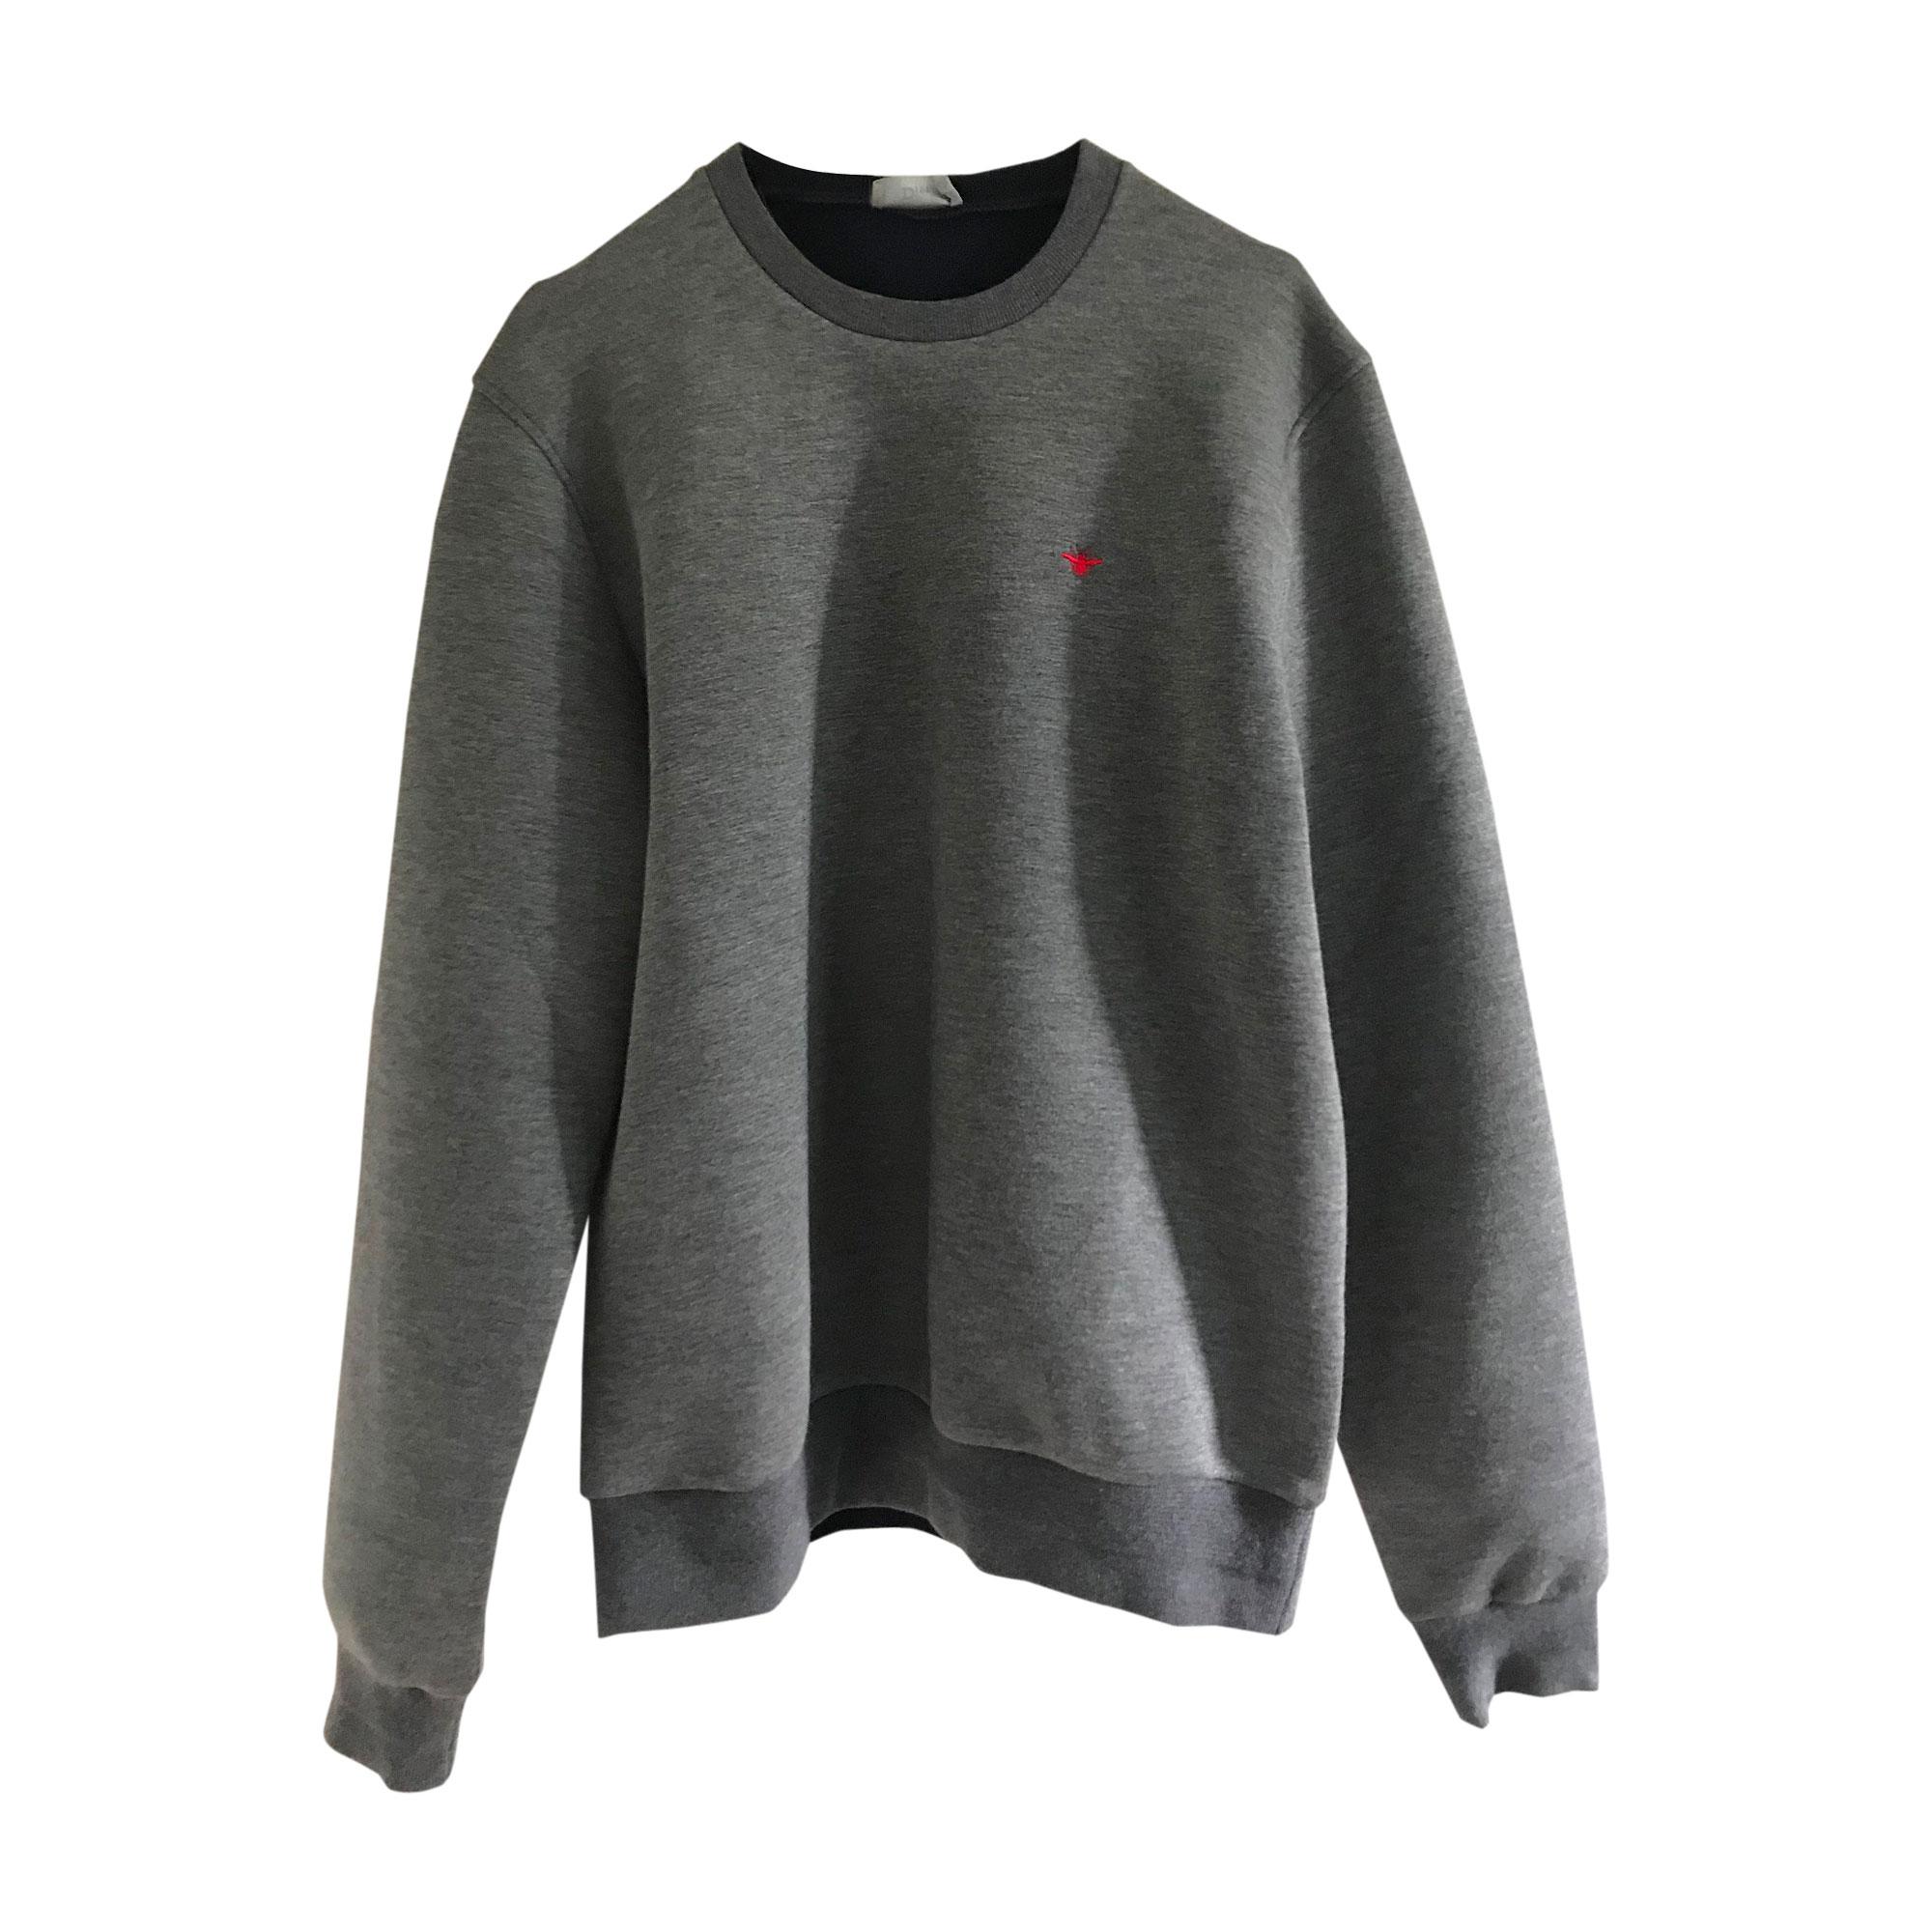 a6363f28efb Pull DIOR HOMME 2 (M) gris vendu par Pascale 1982477267 - 8123361